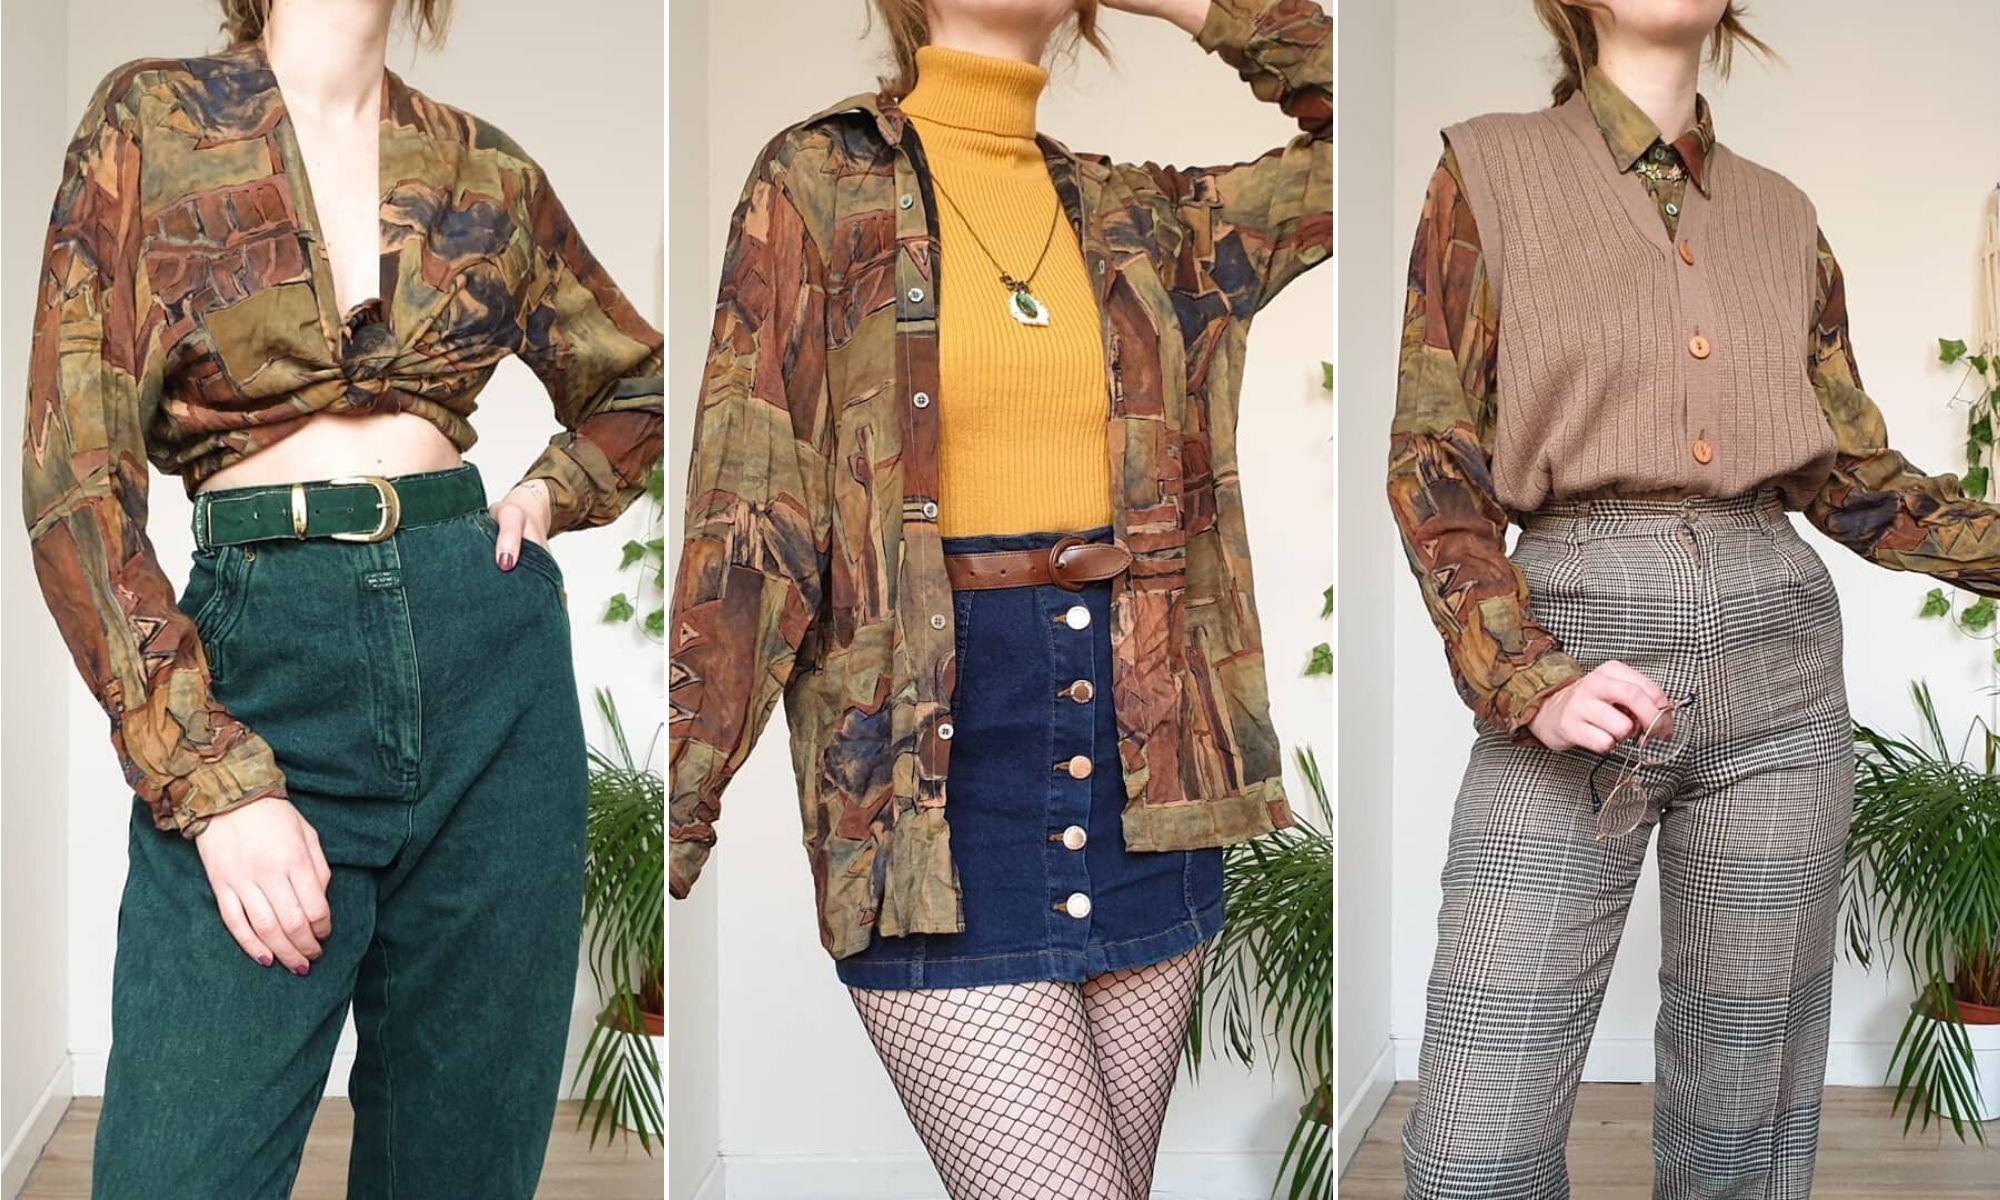 phong cách thời trang retro áo sơmi họa tiết 3 cách mặc